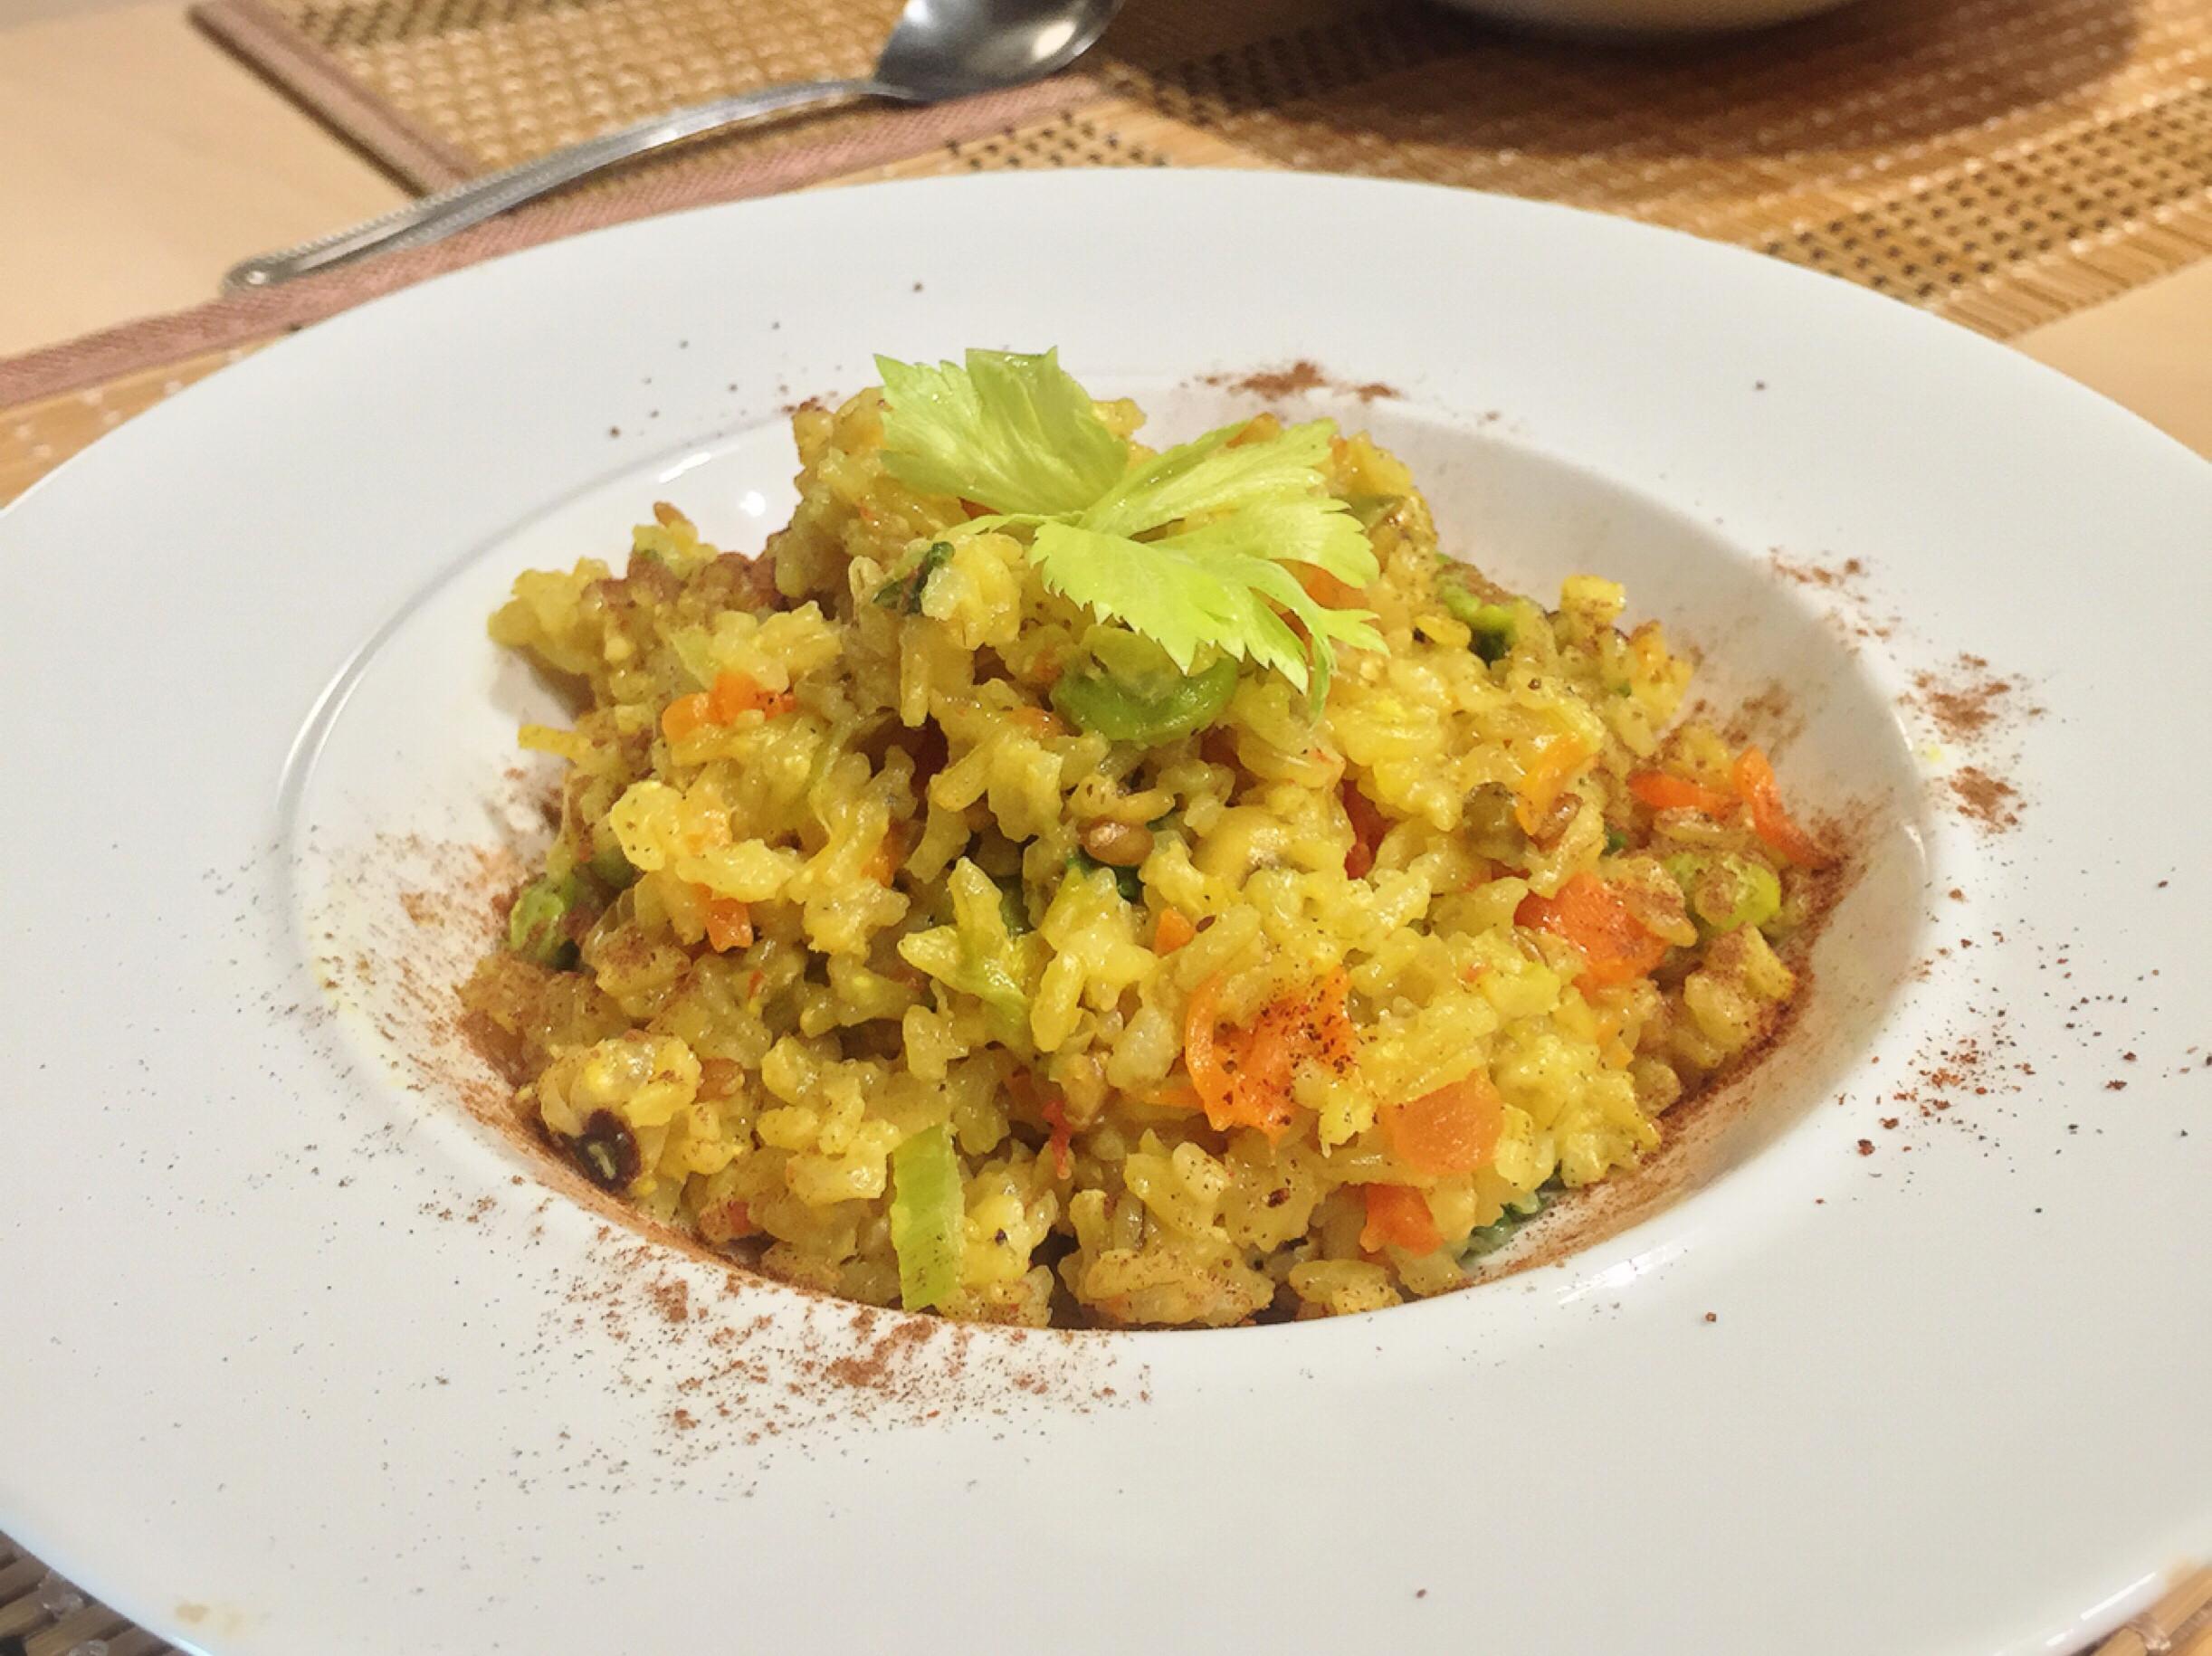 蔬食)簡易電鍋咖喱田園起司燉飯🍳蛋奶素